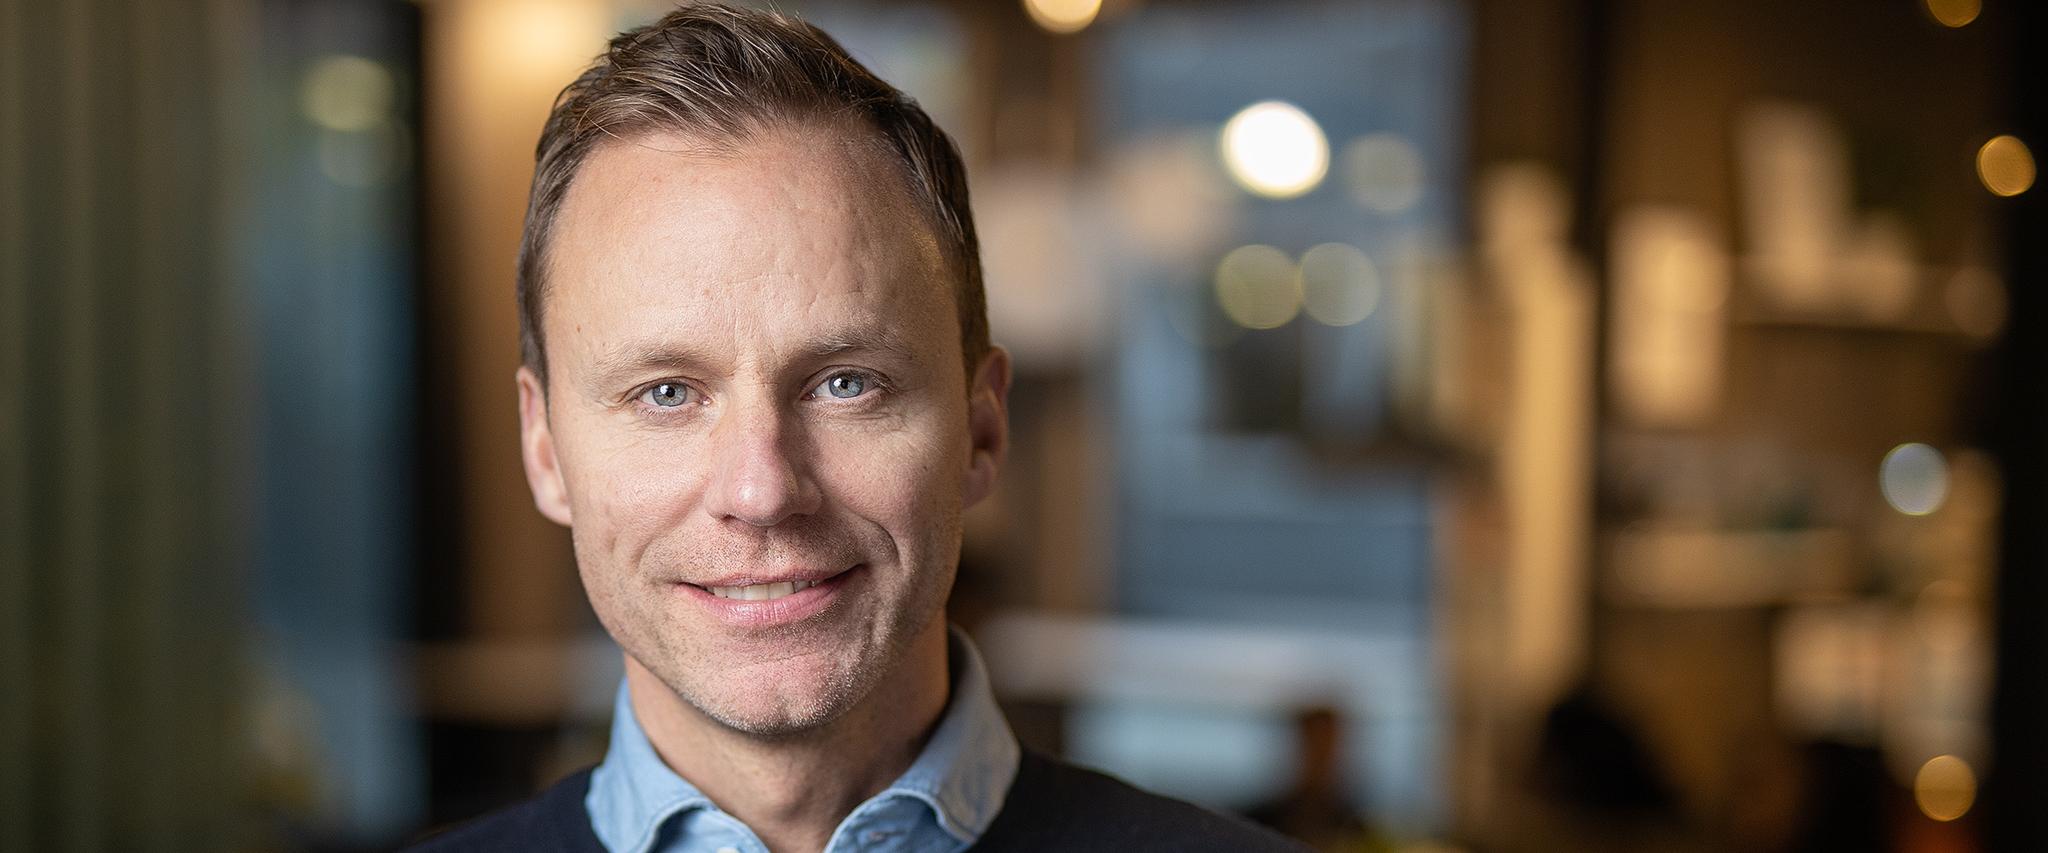 Porträtt av Alexander, Generalsekreterare KFUM Sverige